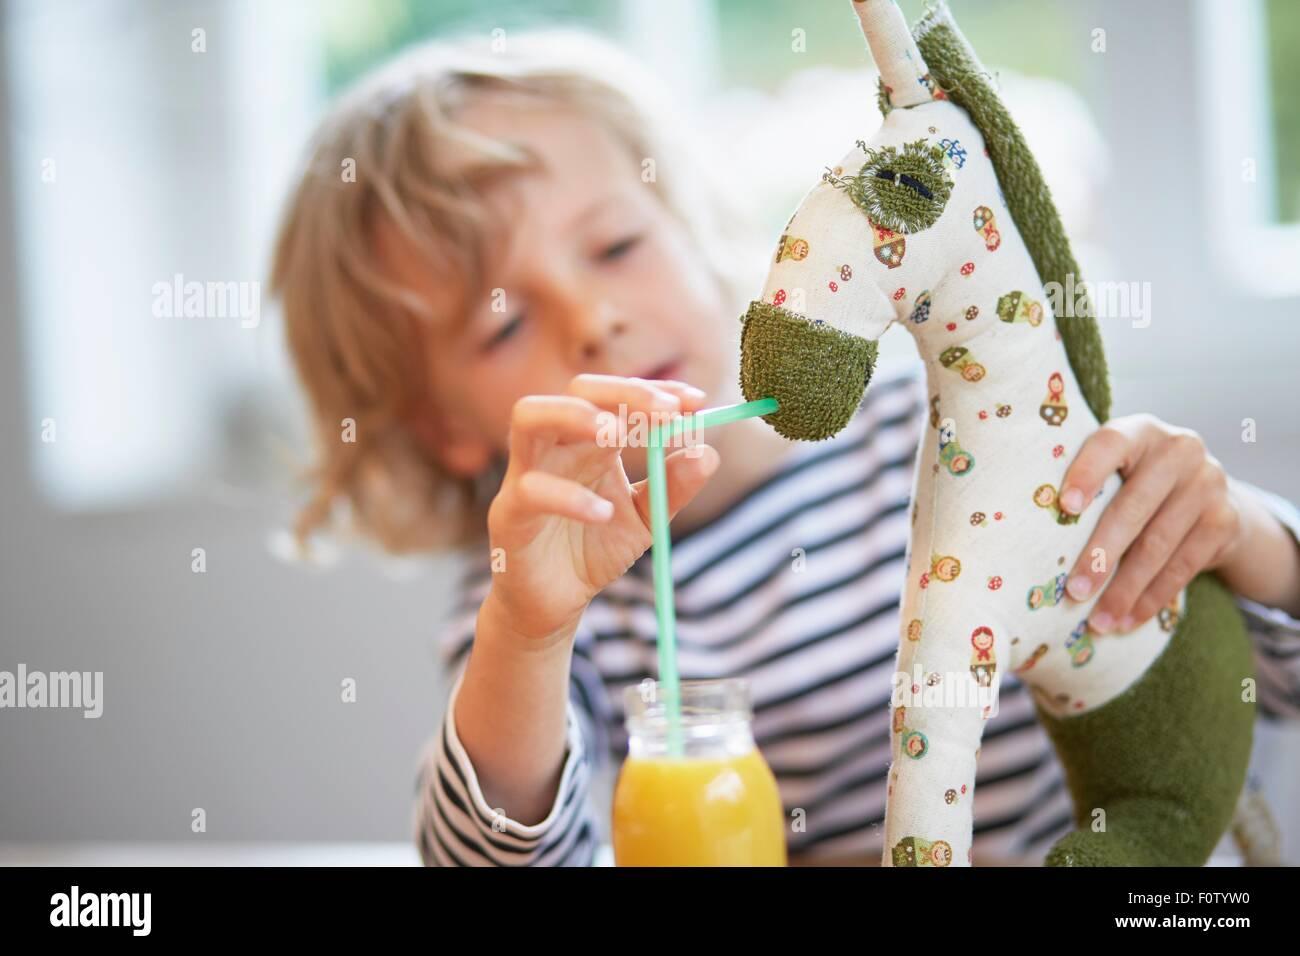 Ragazzo giovane fingendo di bevanda di alimentazione al giocattolo morbido Immagini Stock